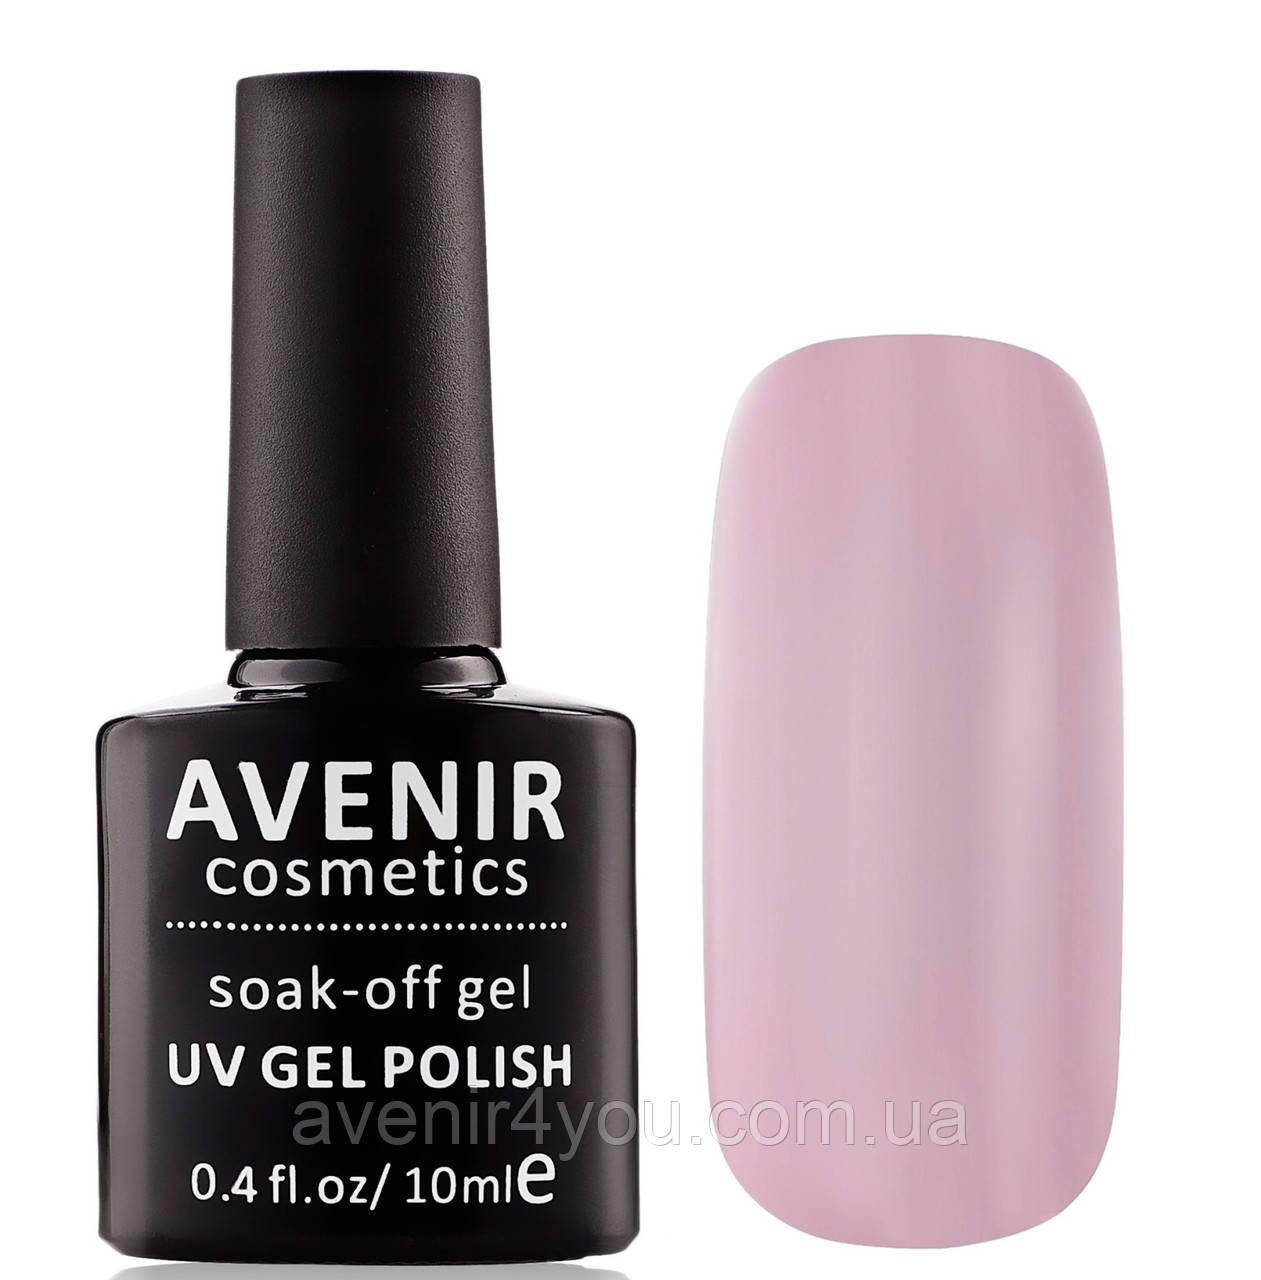 Гель-лак AVENIR Cosmetics №4. Зефирный френч